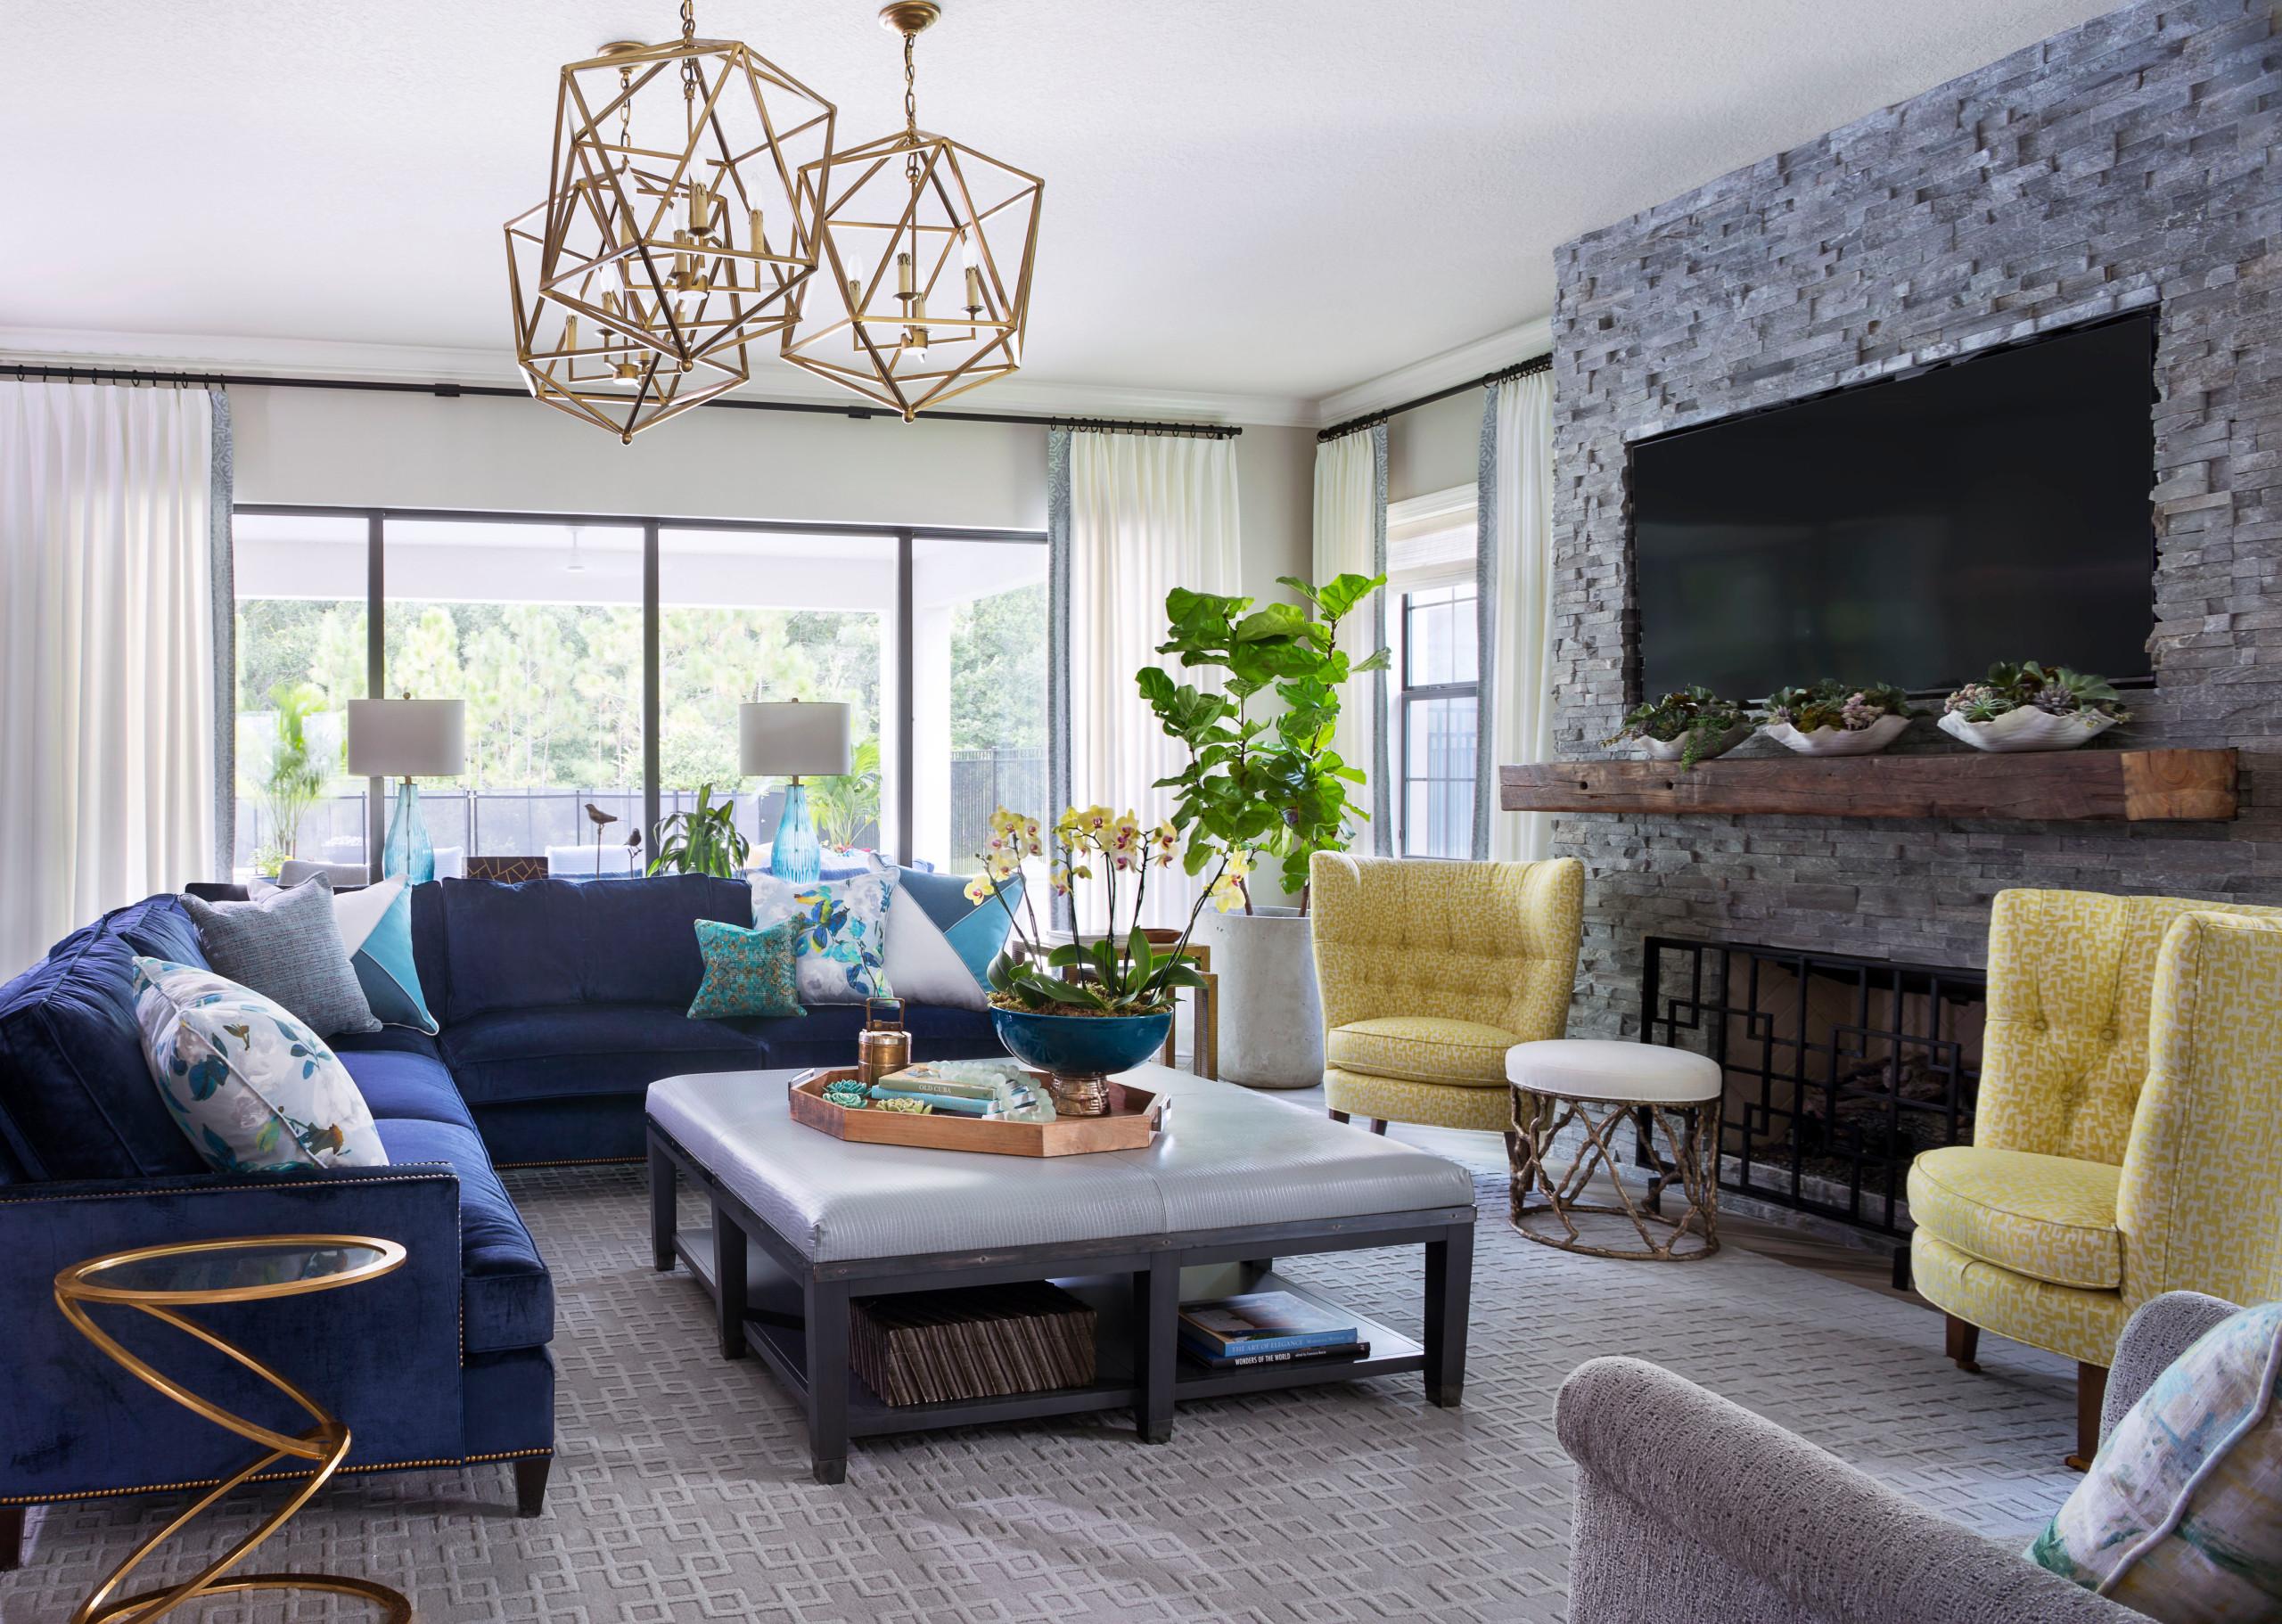 custom design concepts architecture interiors ideas